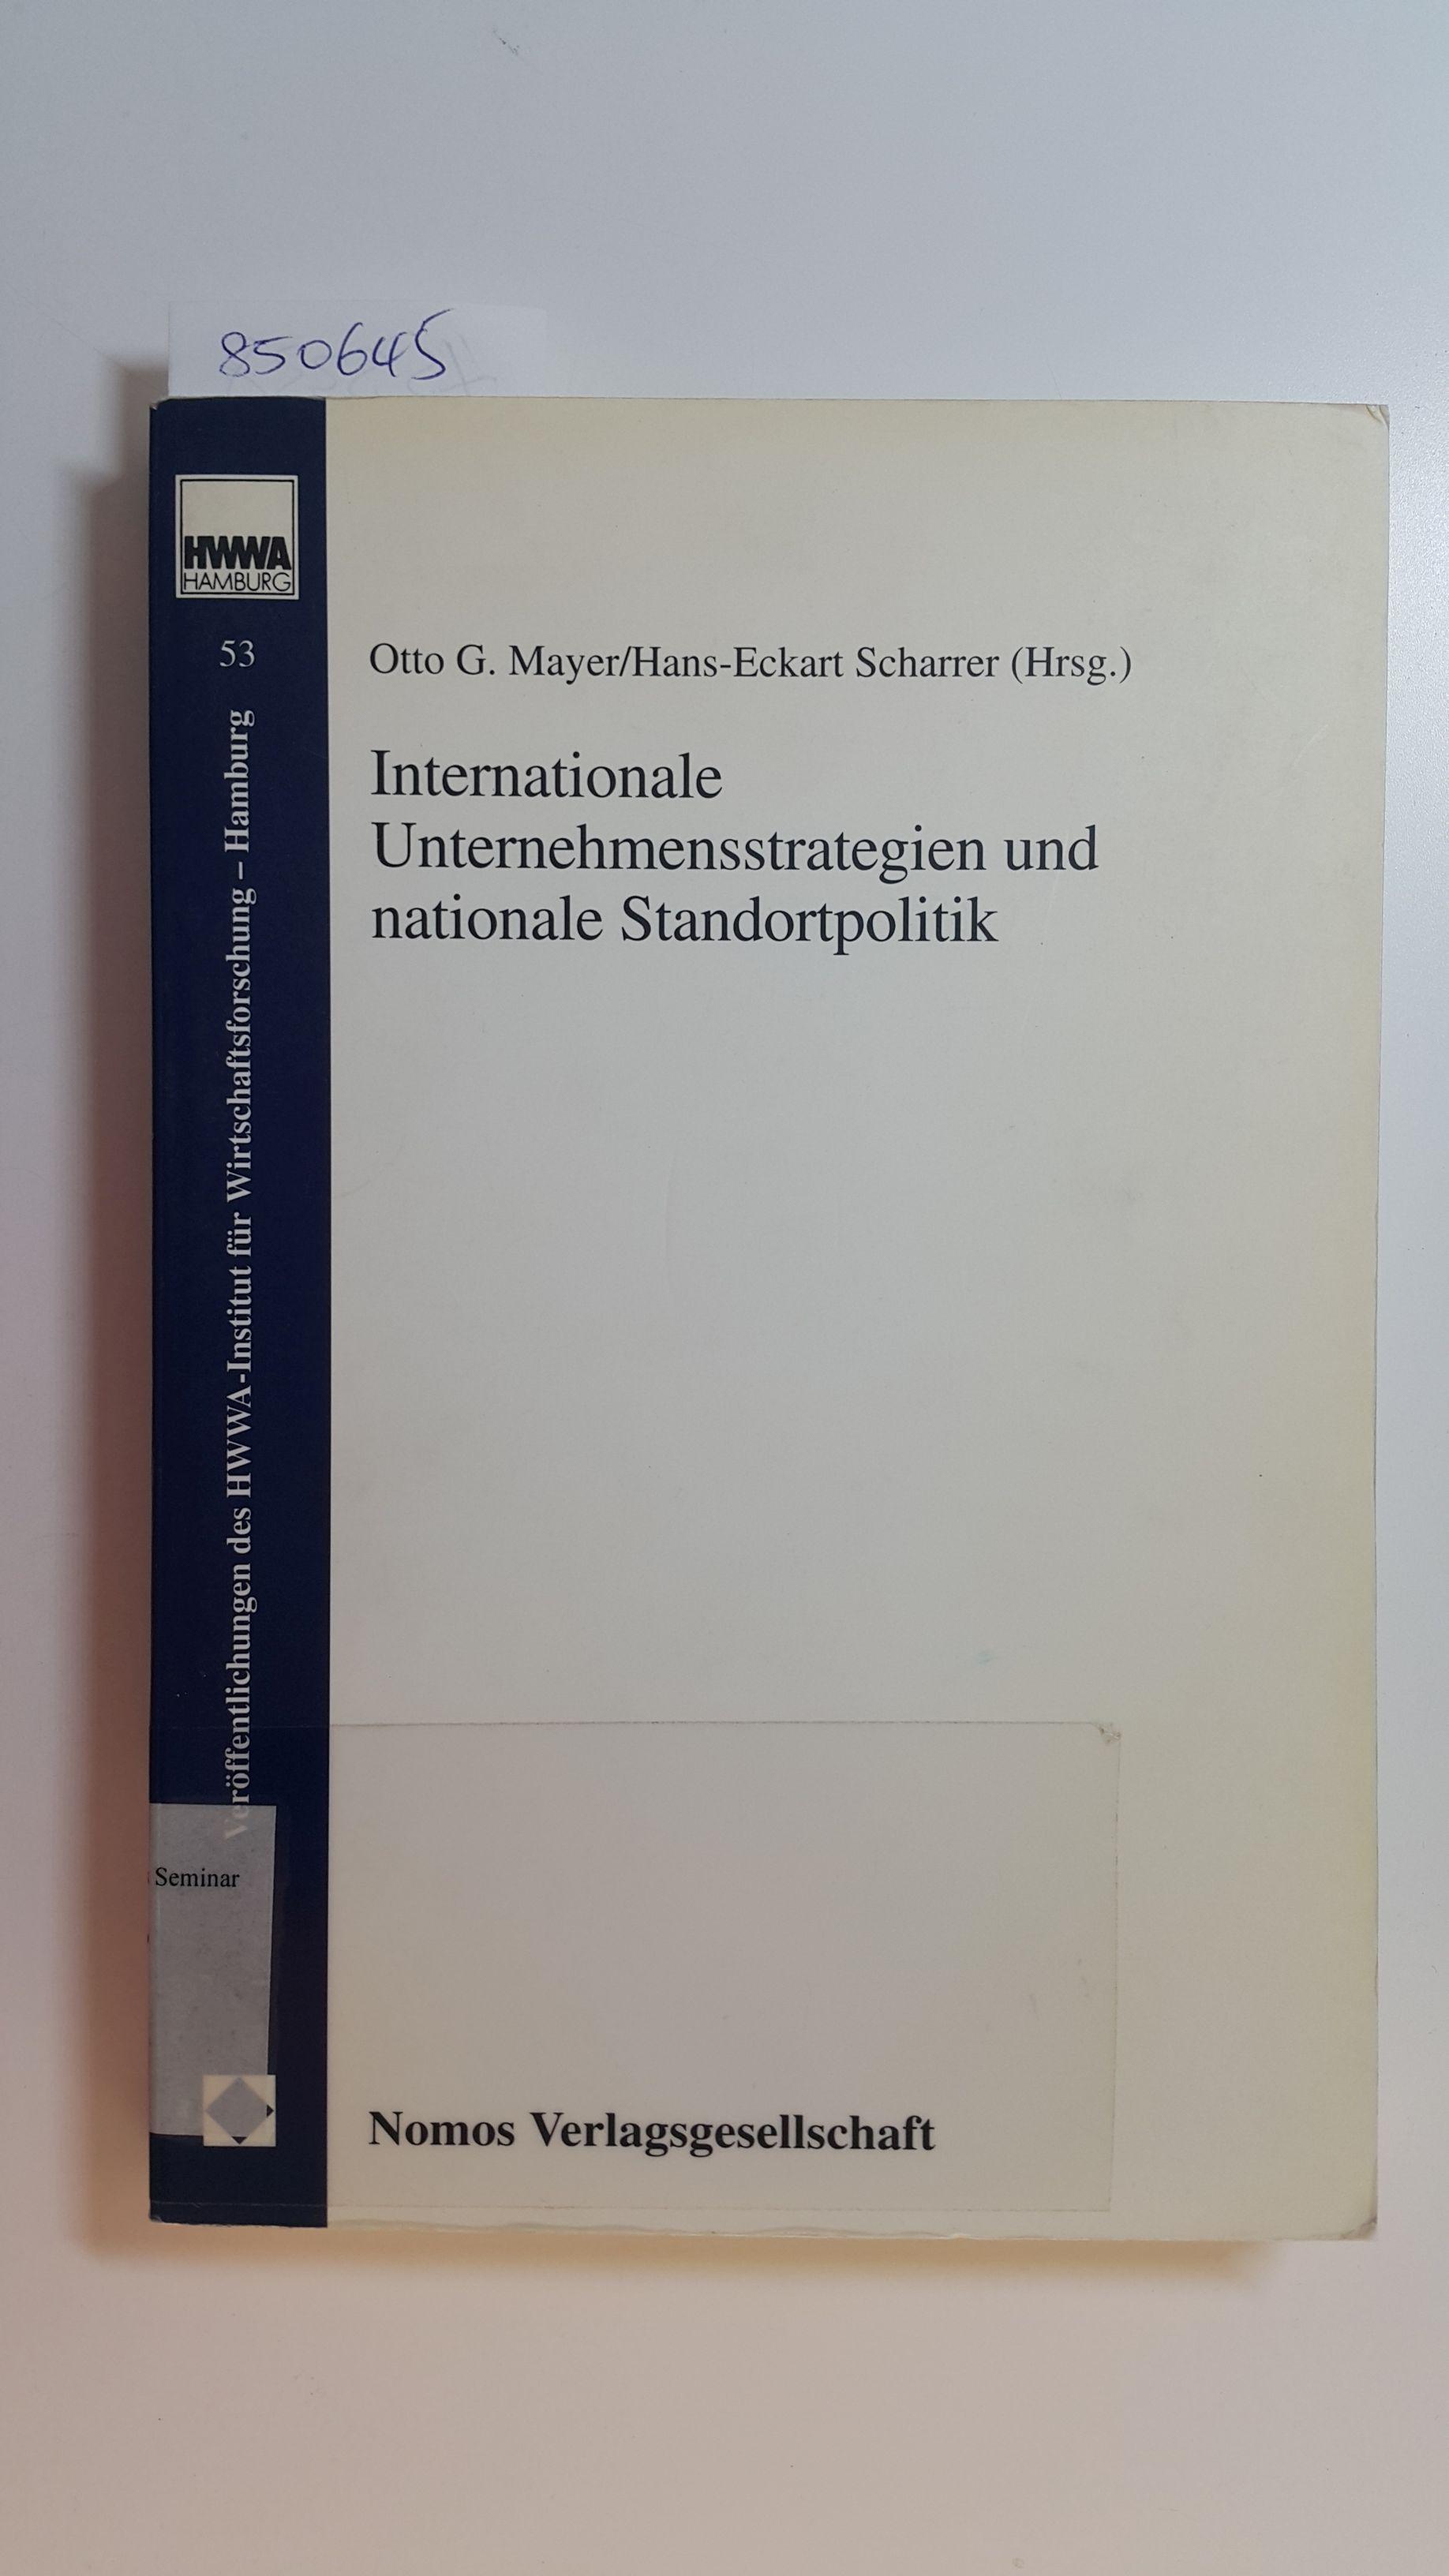 Internationale Unternehmensstrategien und nationale Standortpolitik - Mayer, Otto G. [Hrsg.] ; Audretsch, David B.,